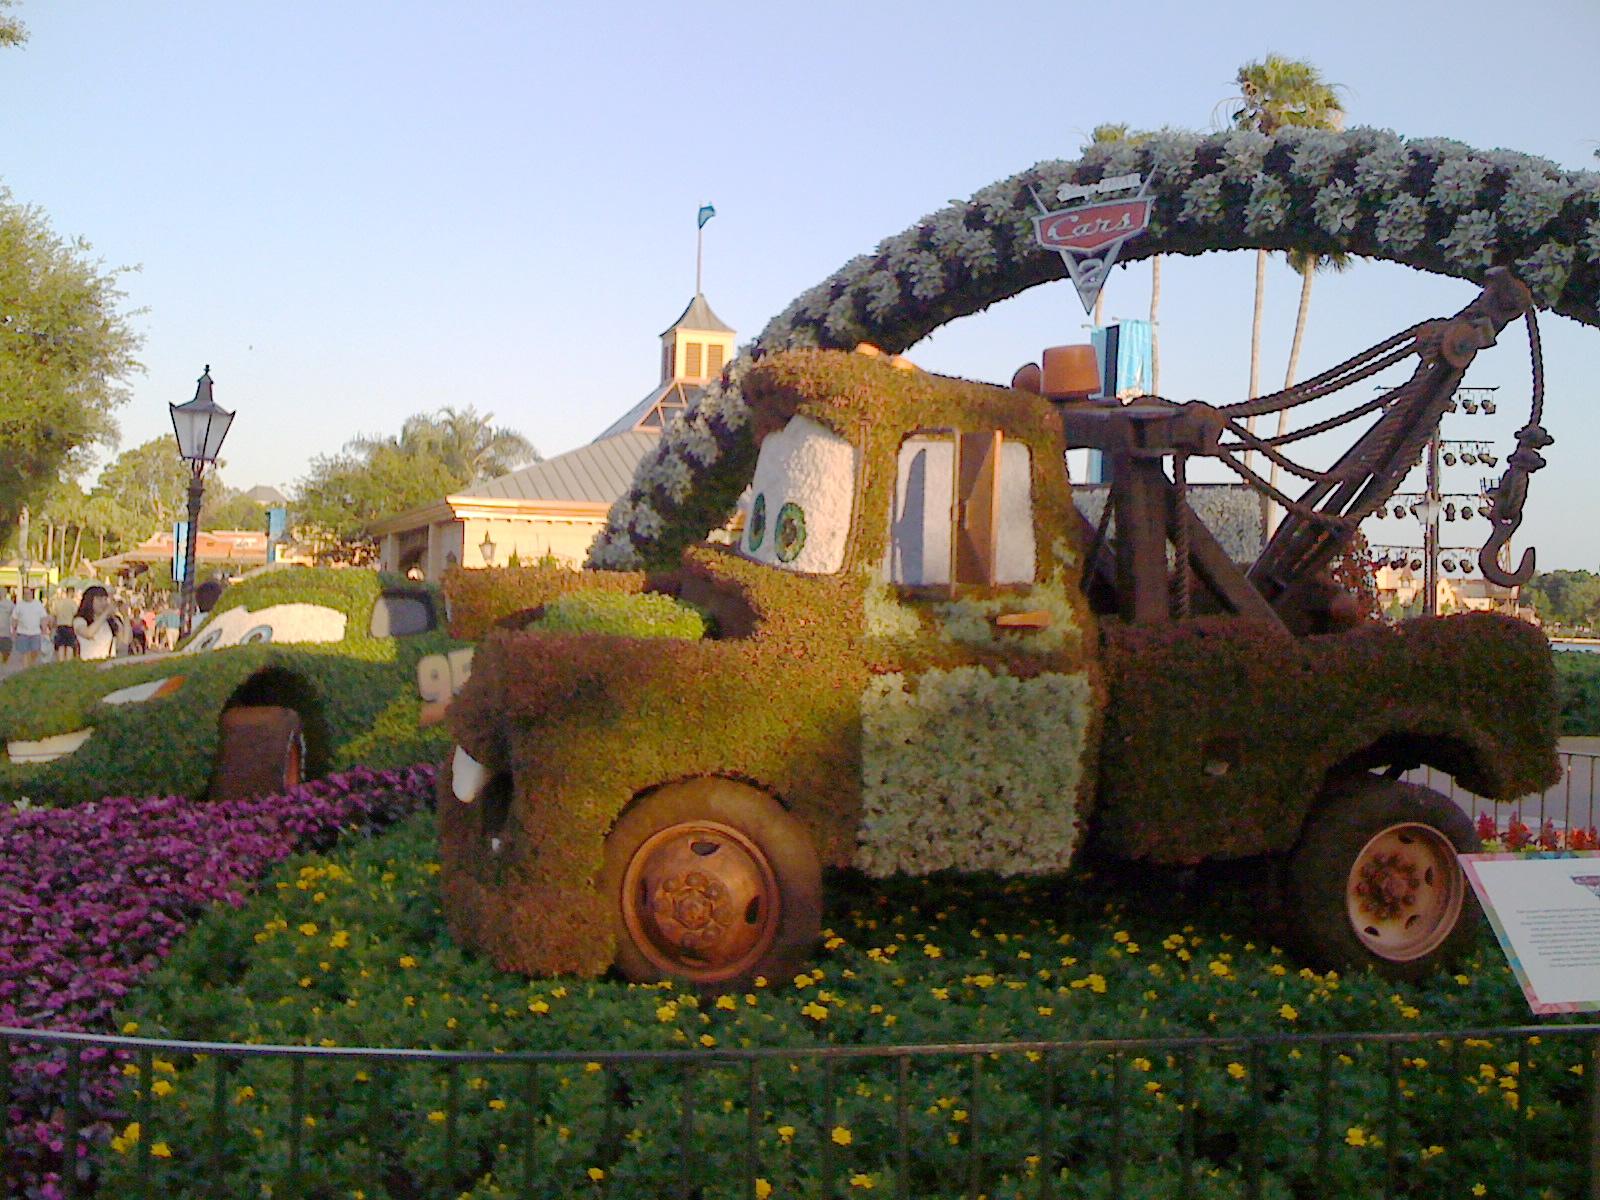 http://3.bp.blogspot.com/-eo-qbMHJ-ig/Tb8XDnjH5zI/AAAAAAAAADM/qLWfCgR6W1U/s1600/2011-05-01-DisneyCars2TopiaryTowTruck.jpg